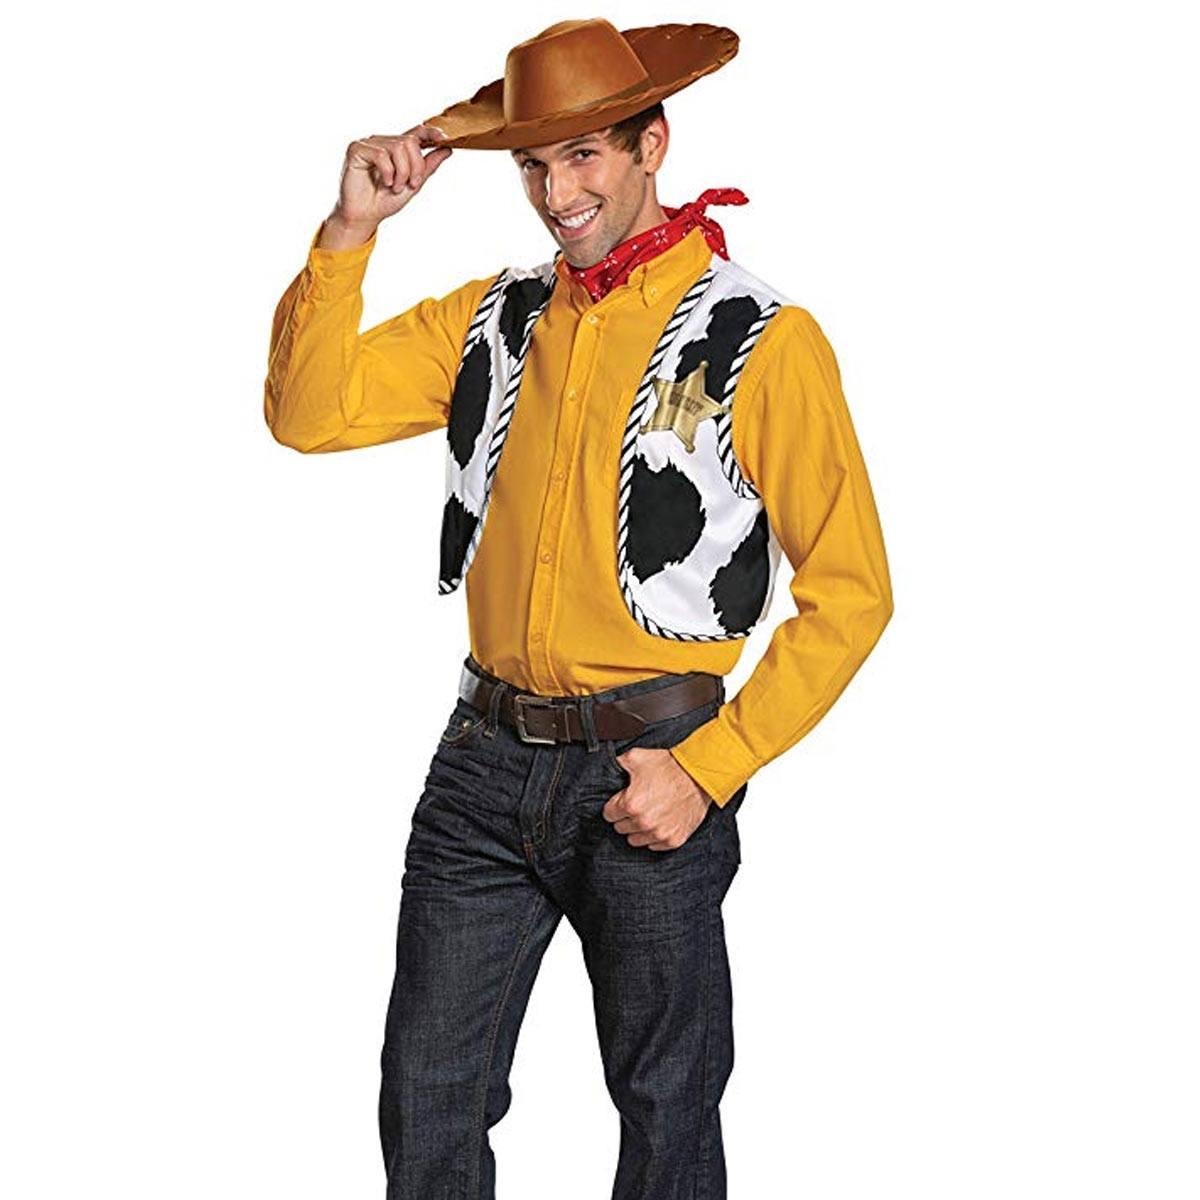 トイストーリー4 ウッディ 仮装 大人用 コスプレ ハロウィン 衣装 変身セット ディズニー Toy Story 4